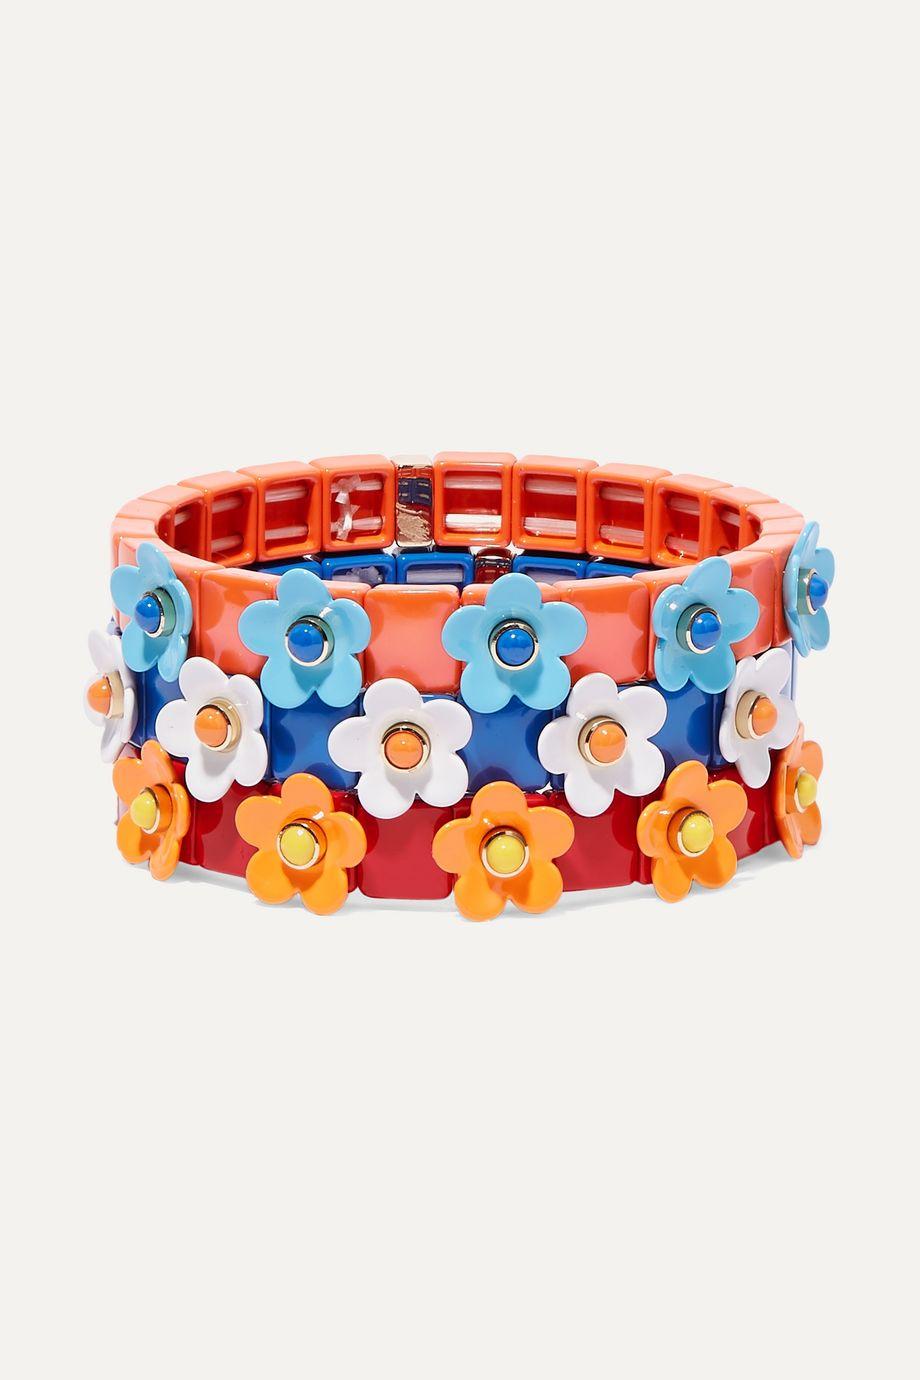 록산느 애슐린 팔찌 Roxanne Assoulin Garden Variety set of three enamel and gold-tone bracelets,Blue